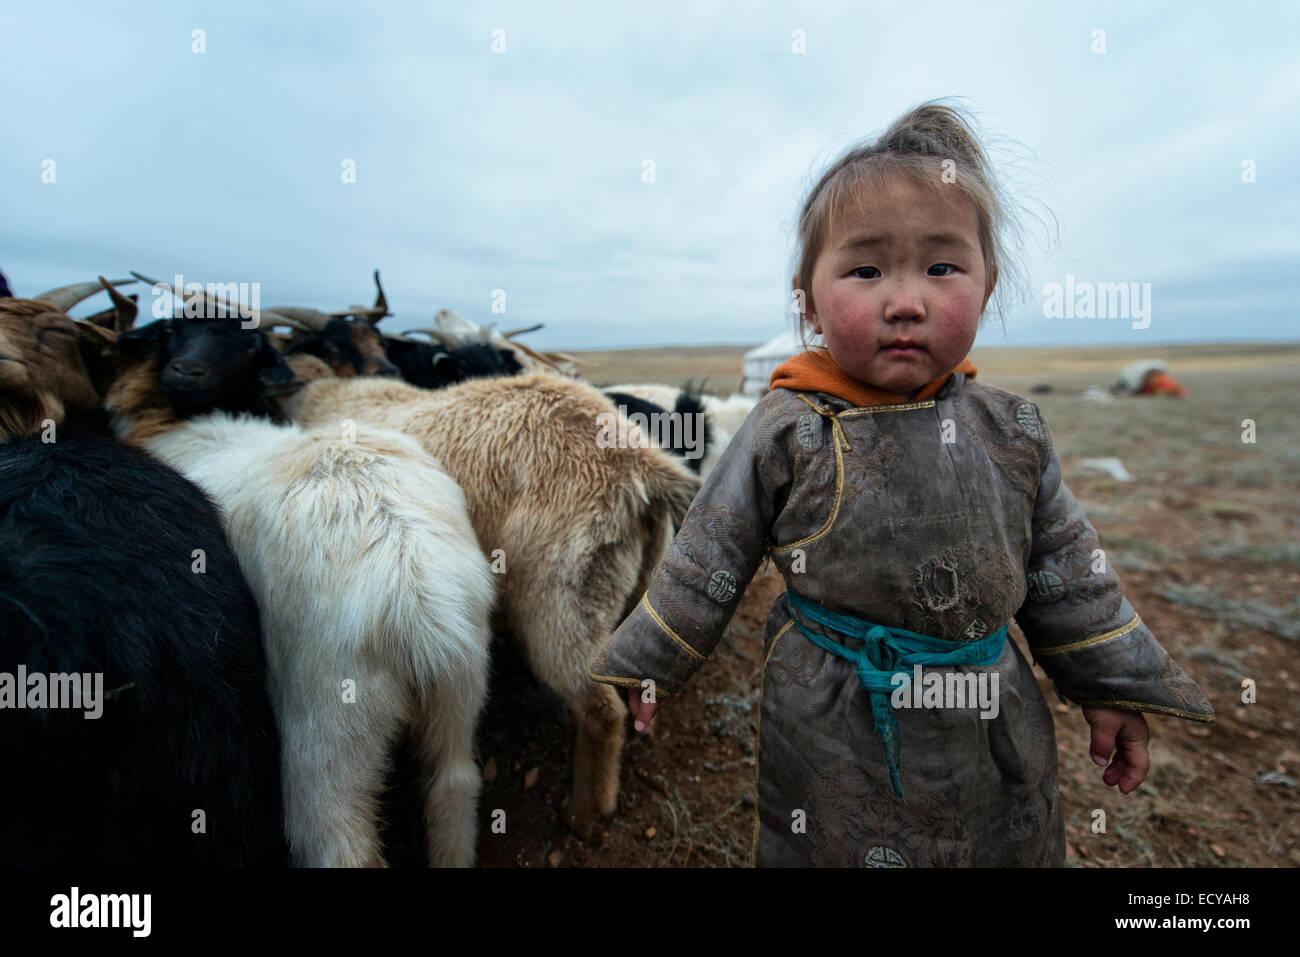 Nomad girl of the Gobi desert, Mongolia - Stock Image